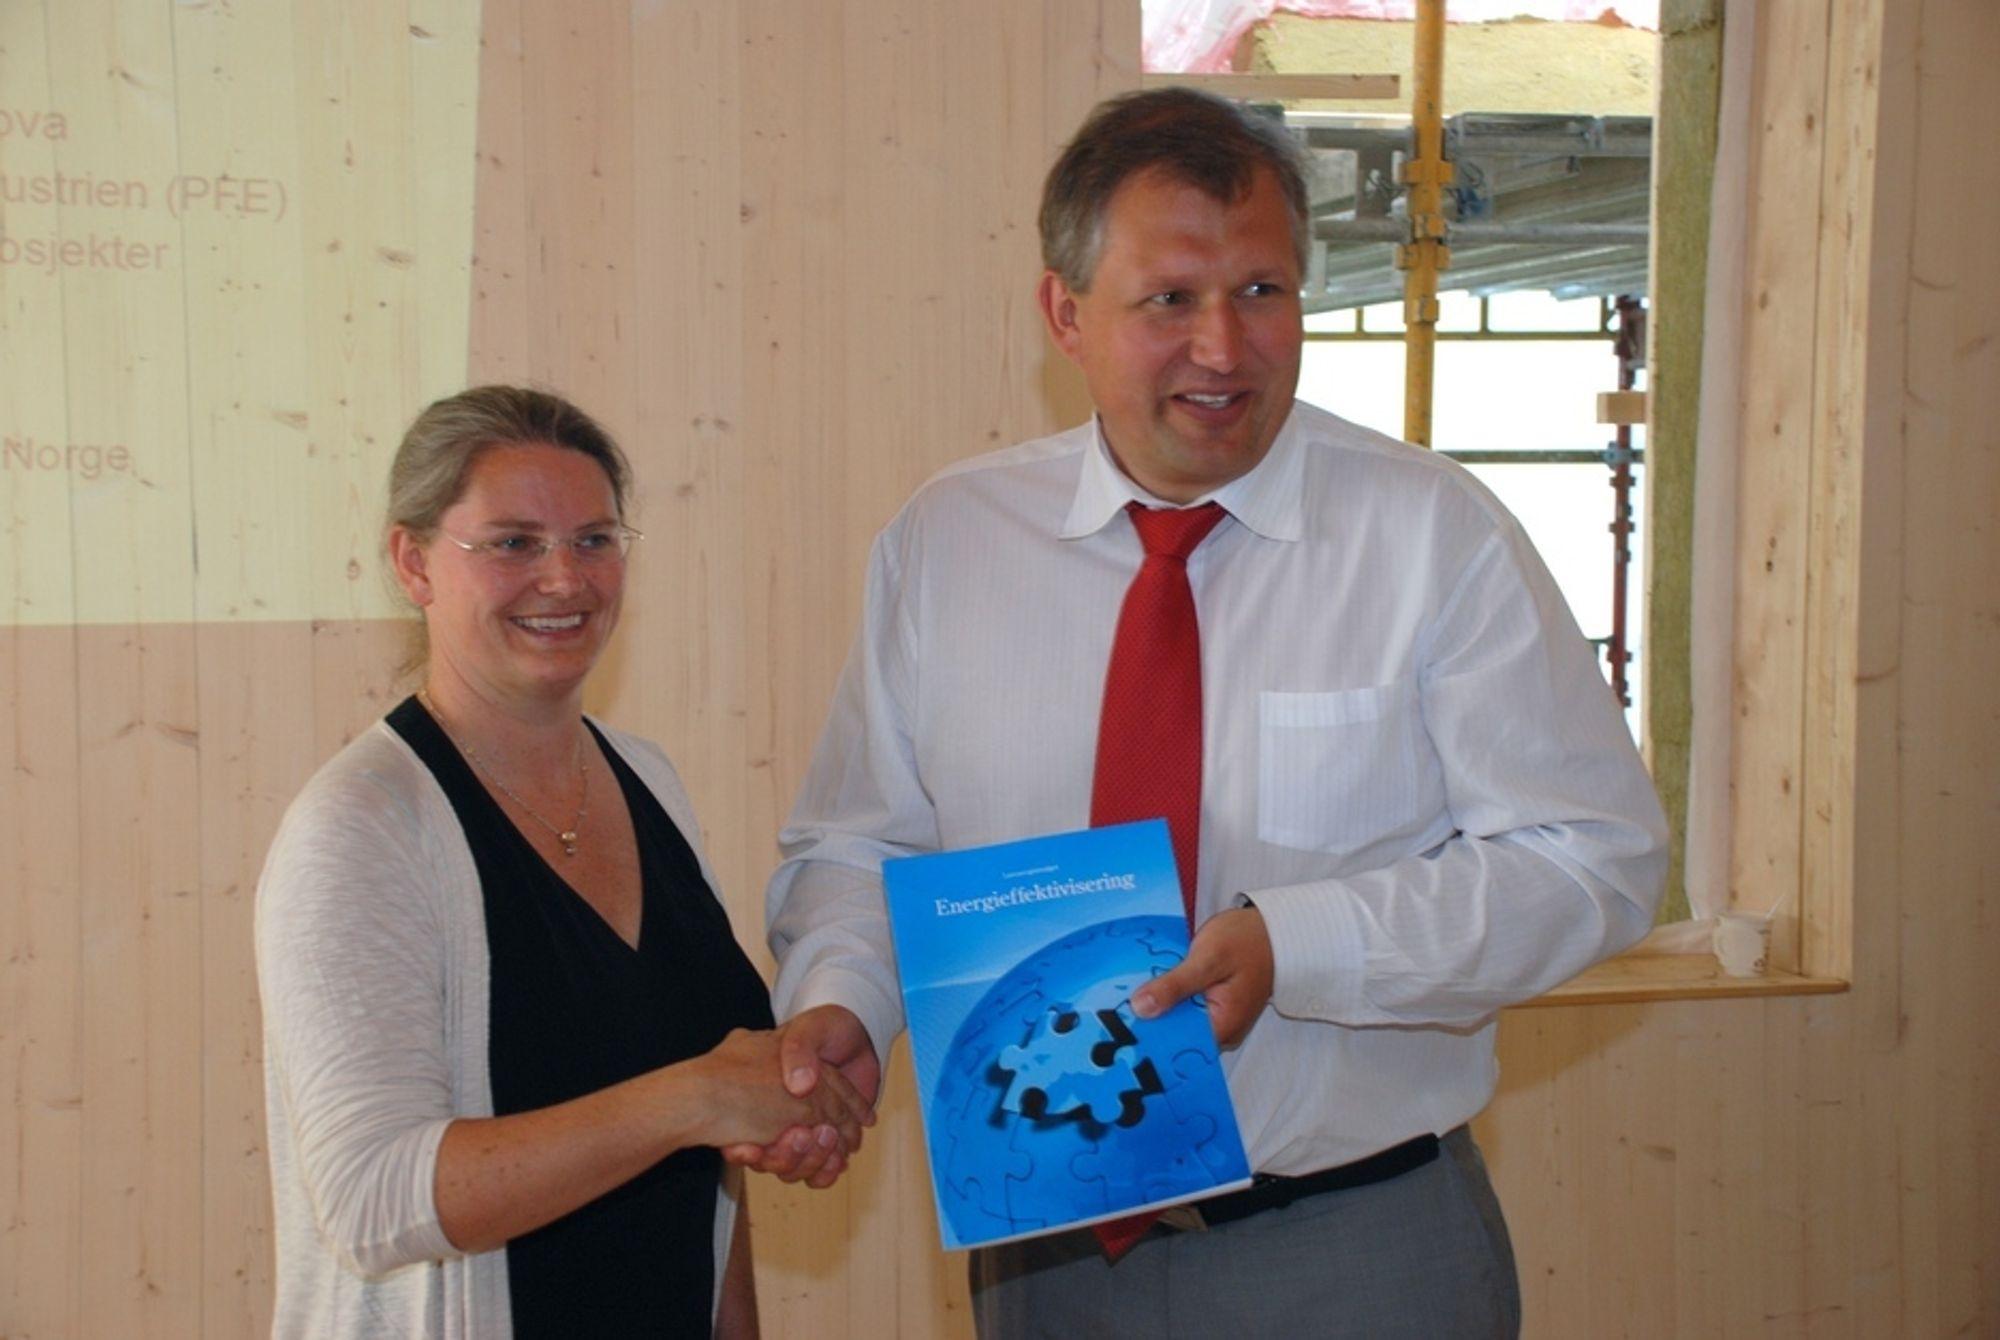 OVERREKKELSE: Terje Riis-Johansen lover å jobbe mer for energieffektivisering, og mener byggbransjen har langt igjen før de er flinke nok. Selv har han også en stor jobb å gjøre, medgir statsråden.